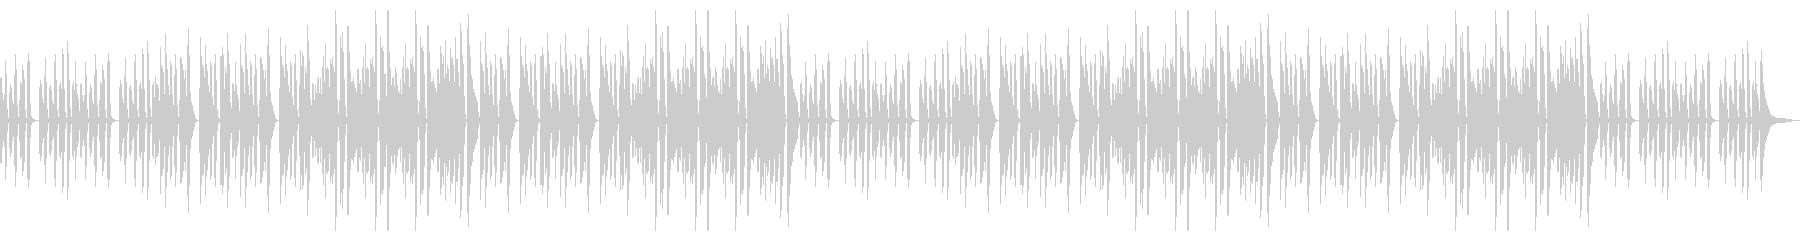 ピアノソロ・日常・トーク・会話・汎用の未再生の波形